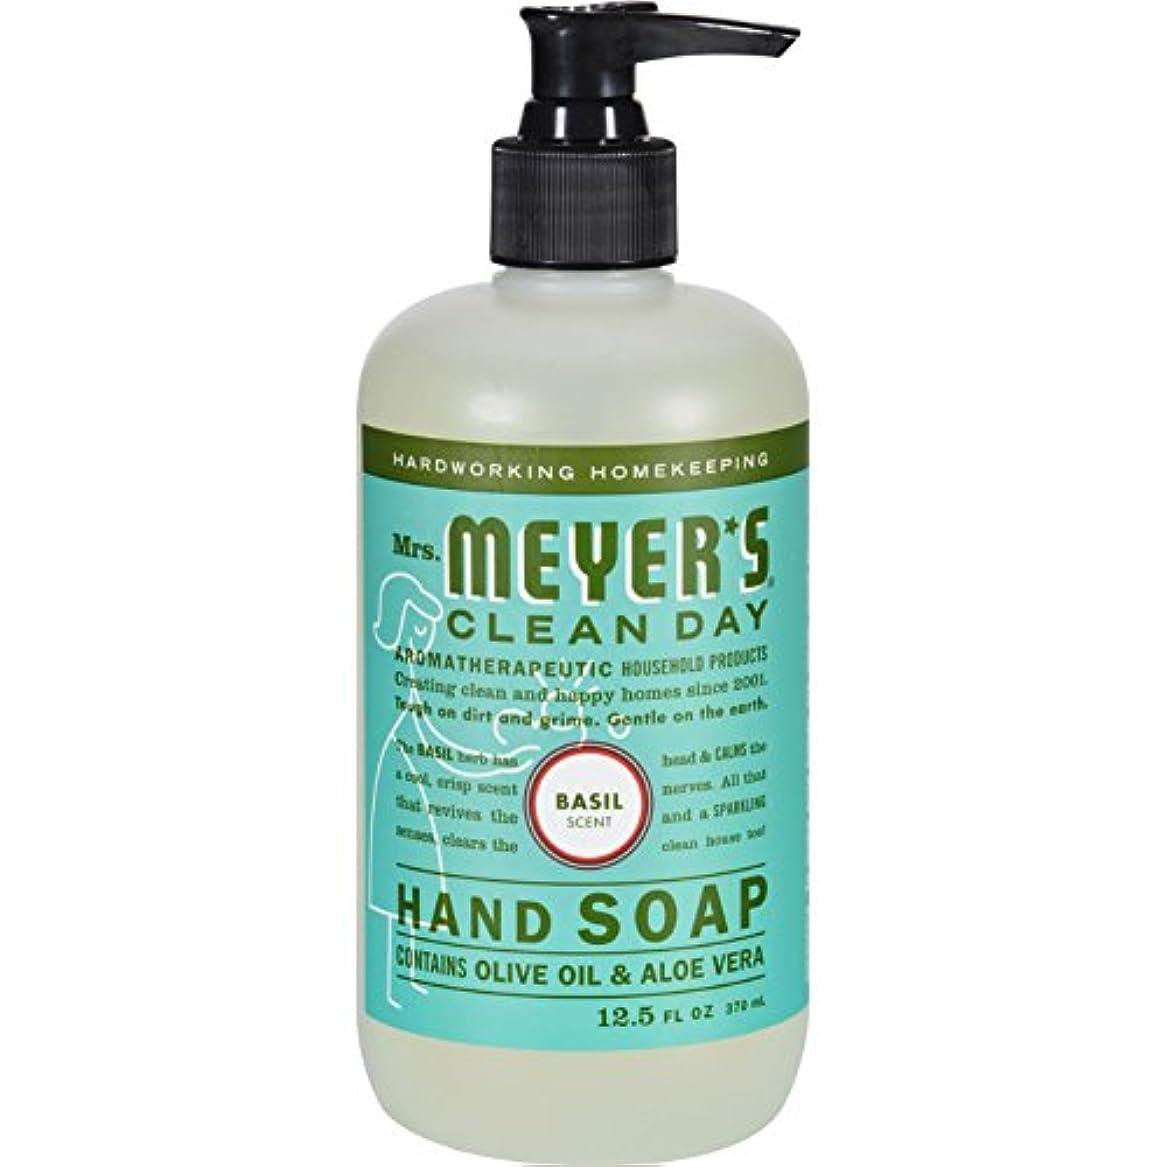 栄光の方程式明示的にMRS. MEYER'S HAND SOAP,LIQ,BASIL, 12.5 FZ by Mrs. Meyer's Clean Day